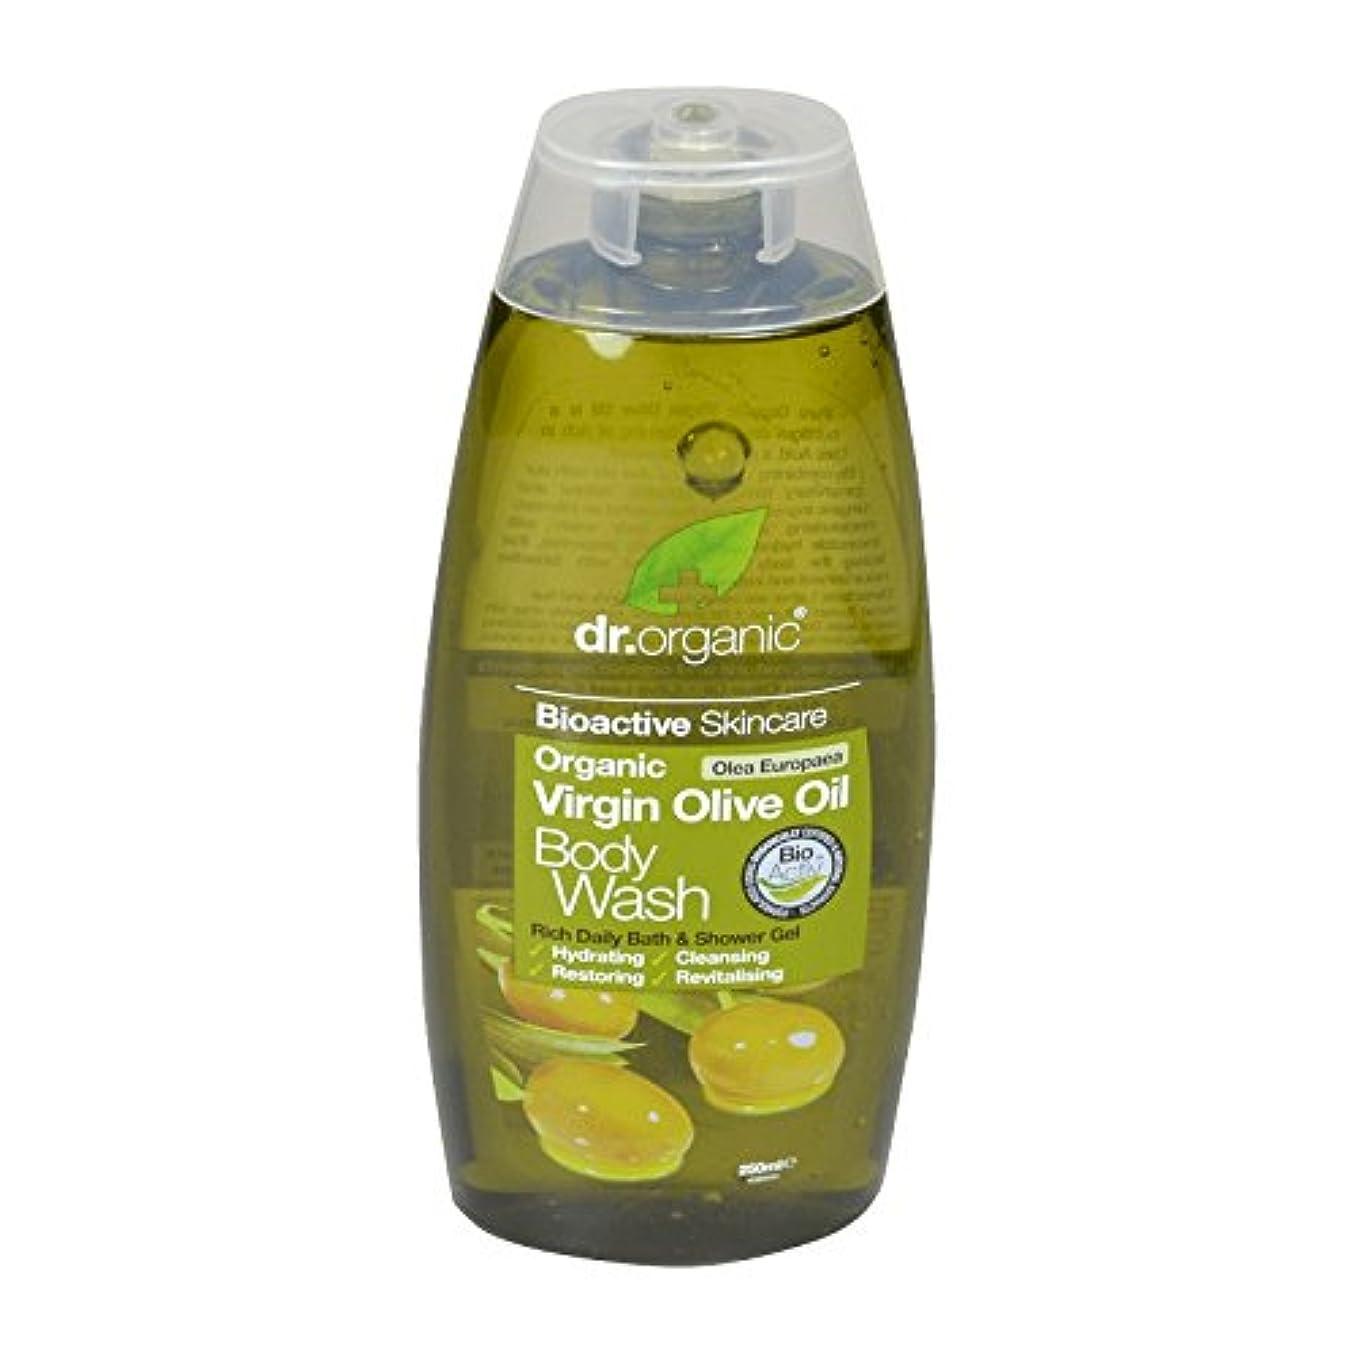 不和リッチ恐ろしいですDr有機バージンオリーブオイルボディウォッシュ - Dr Organic Virgin Olive Oil Body Wash (Dr Organic) [並行輸入品]